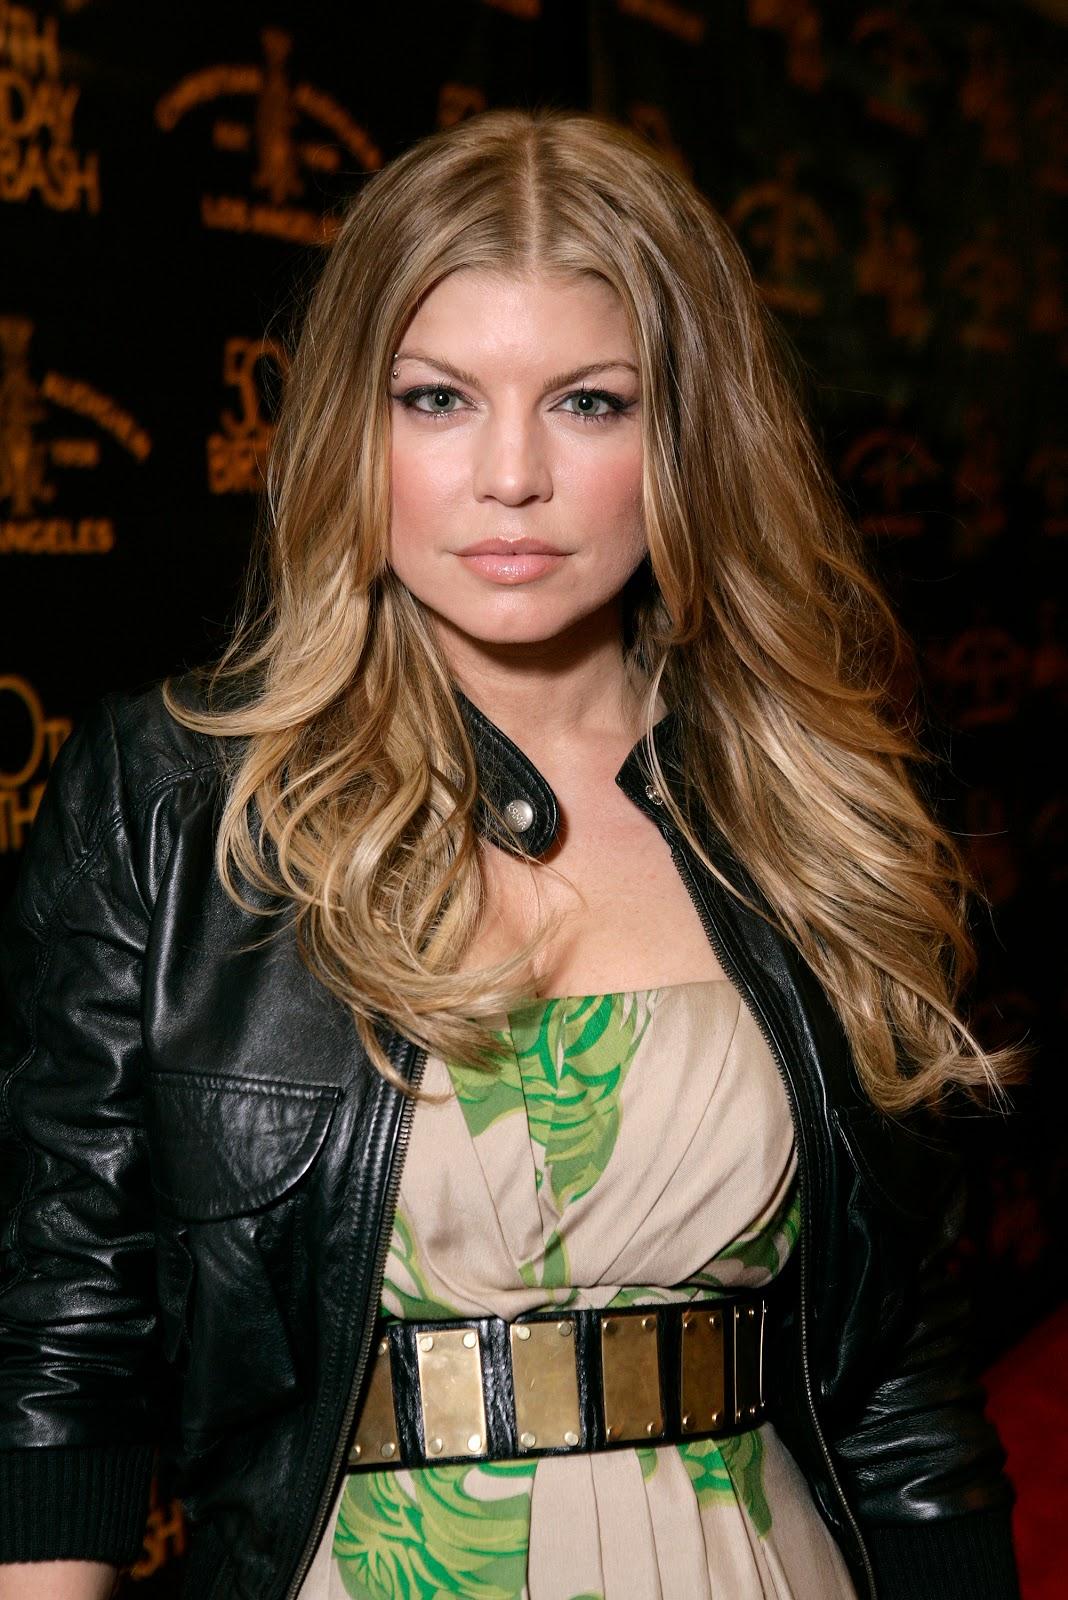 http://3.bp.blogspot.com/-J1VjKbOWG6o/Tz4ullpqpDI/AAAAAAAAL4U/91JE8t3CHBk/s1600/Fergie+1.jpg